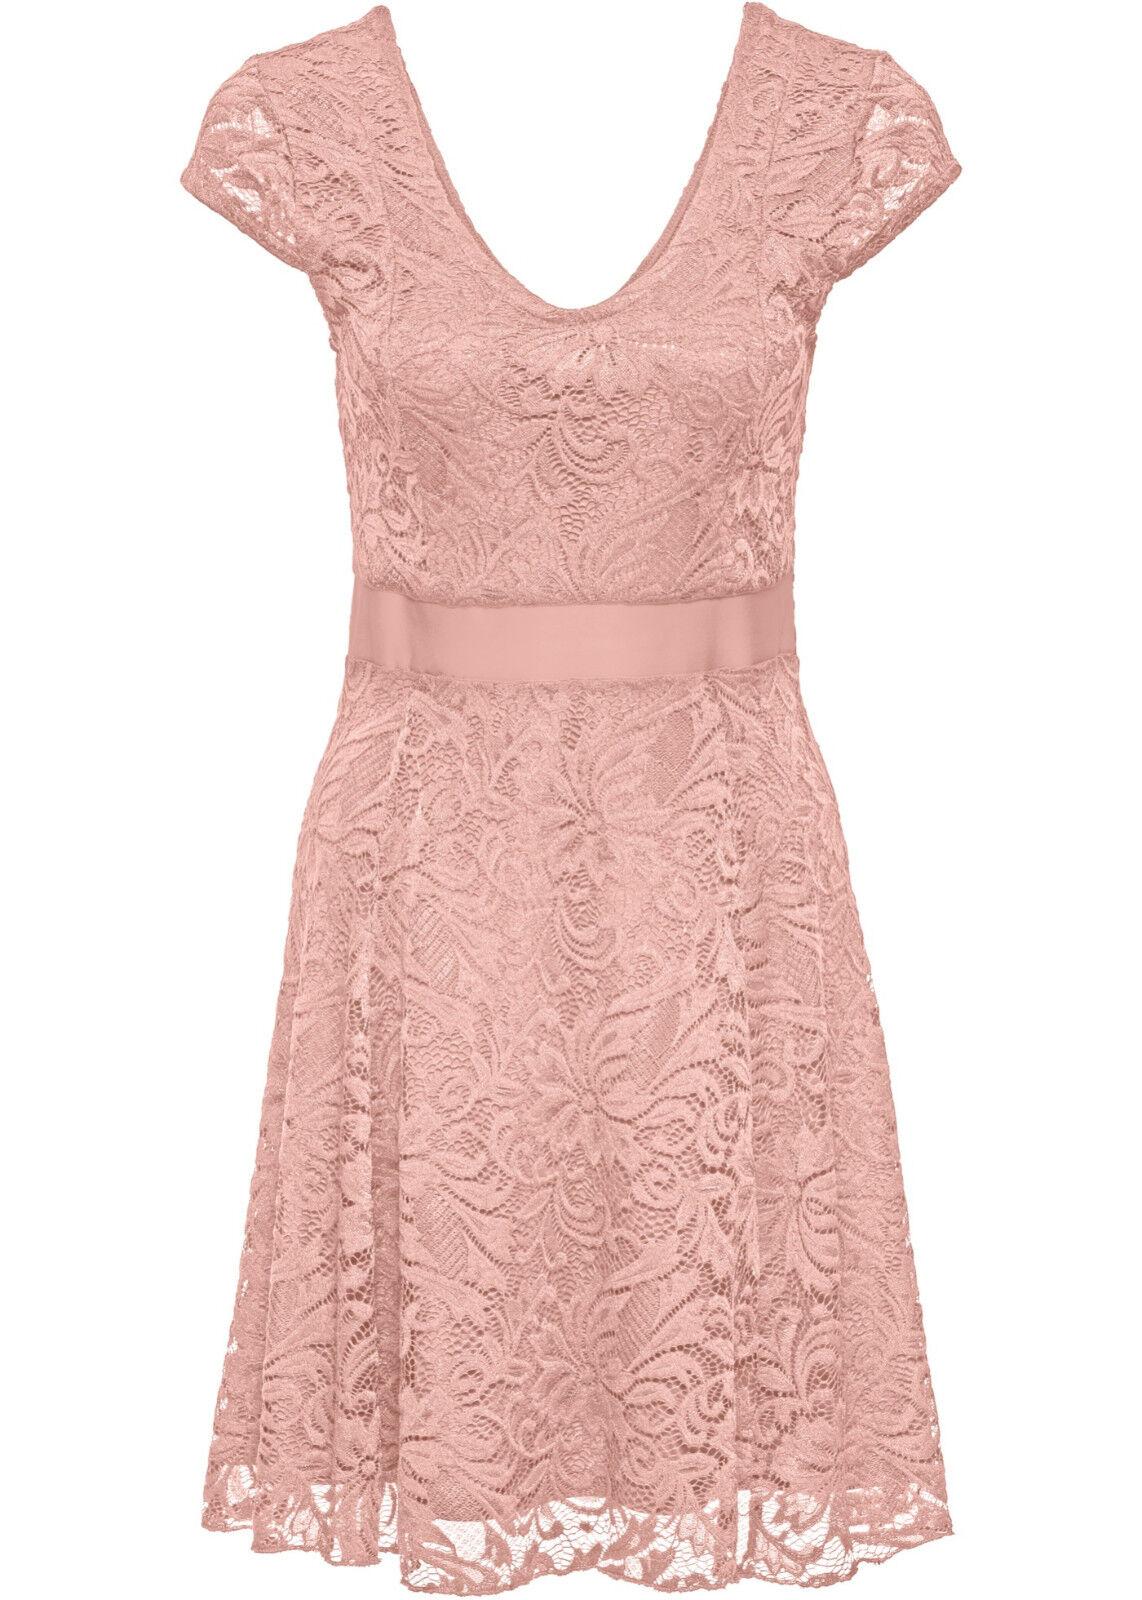 Sommer Kleid Rosa oder Blau S M L XL mit elastischer Spitze Knielang neu 450